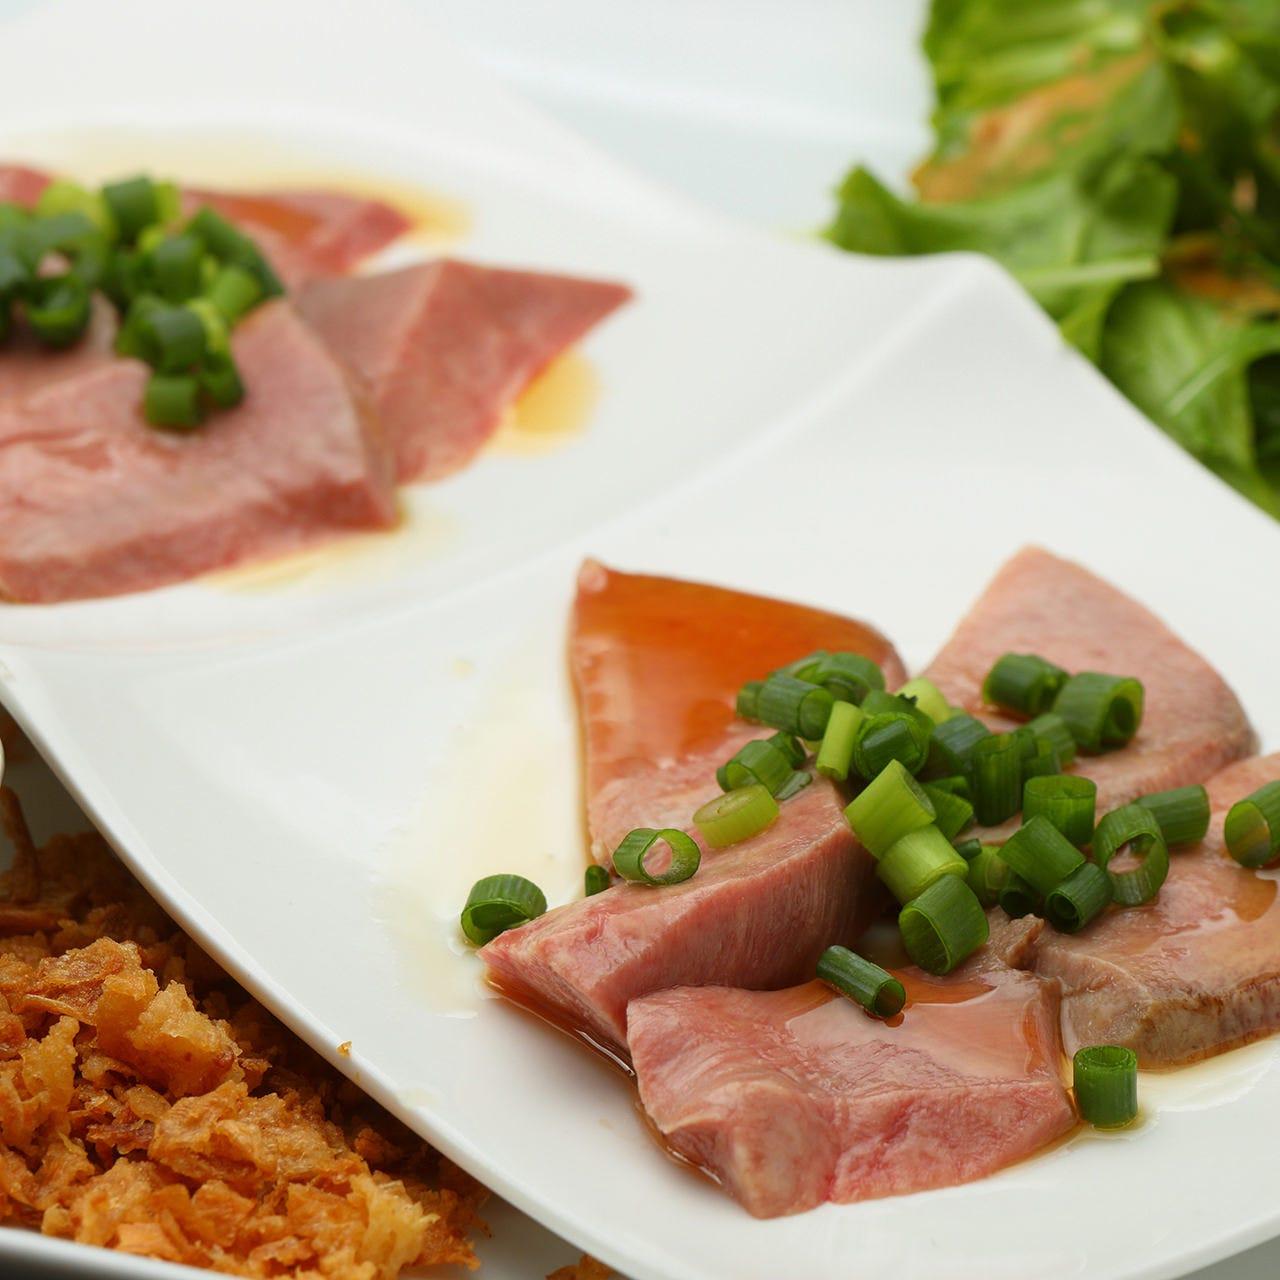 タン先とタン元の異なる食感が楽しめる「牛タンの2種炙り」